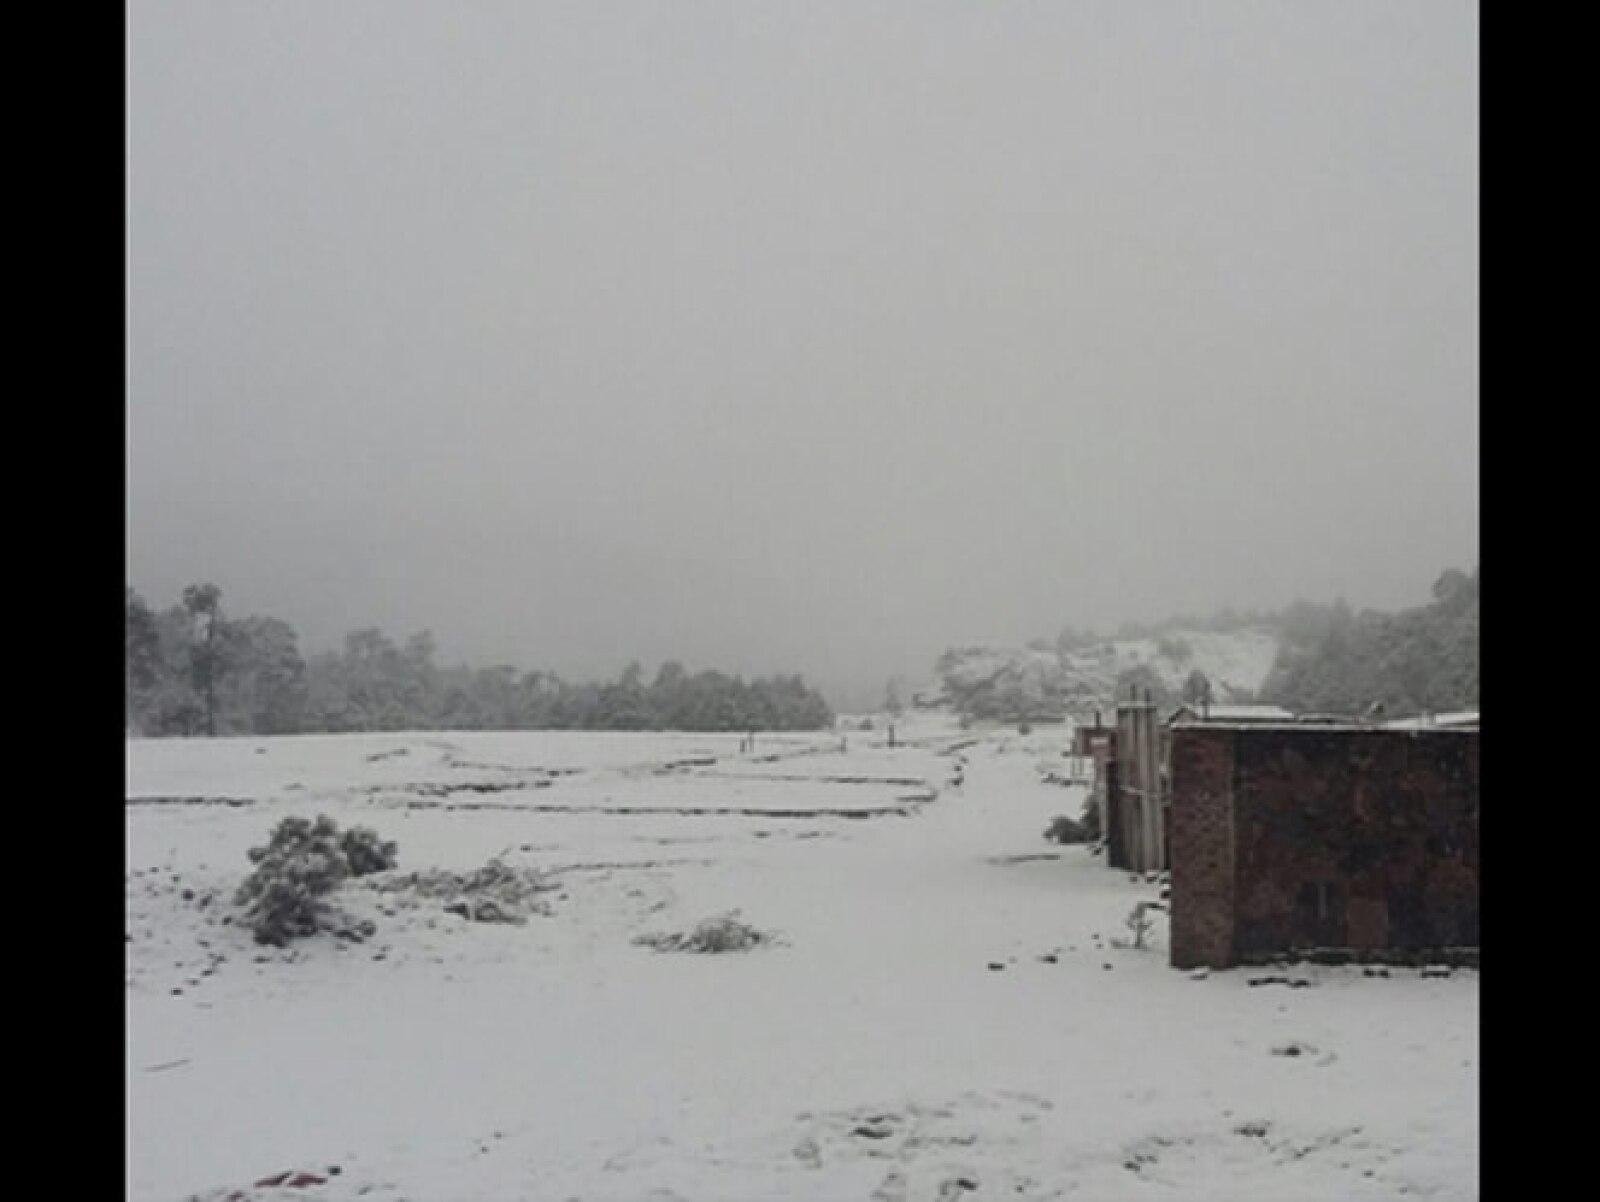 El acceso a La Marquesa y al Ajusco fue cerrado este miércoles a causa de la lluvia, dijo el secretario de Protección Civil de la Ciudad de México.